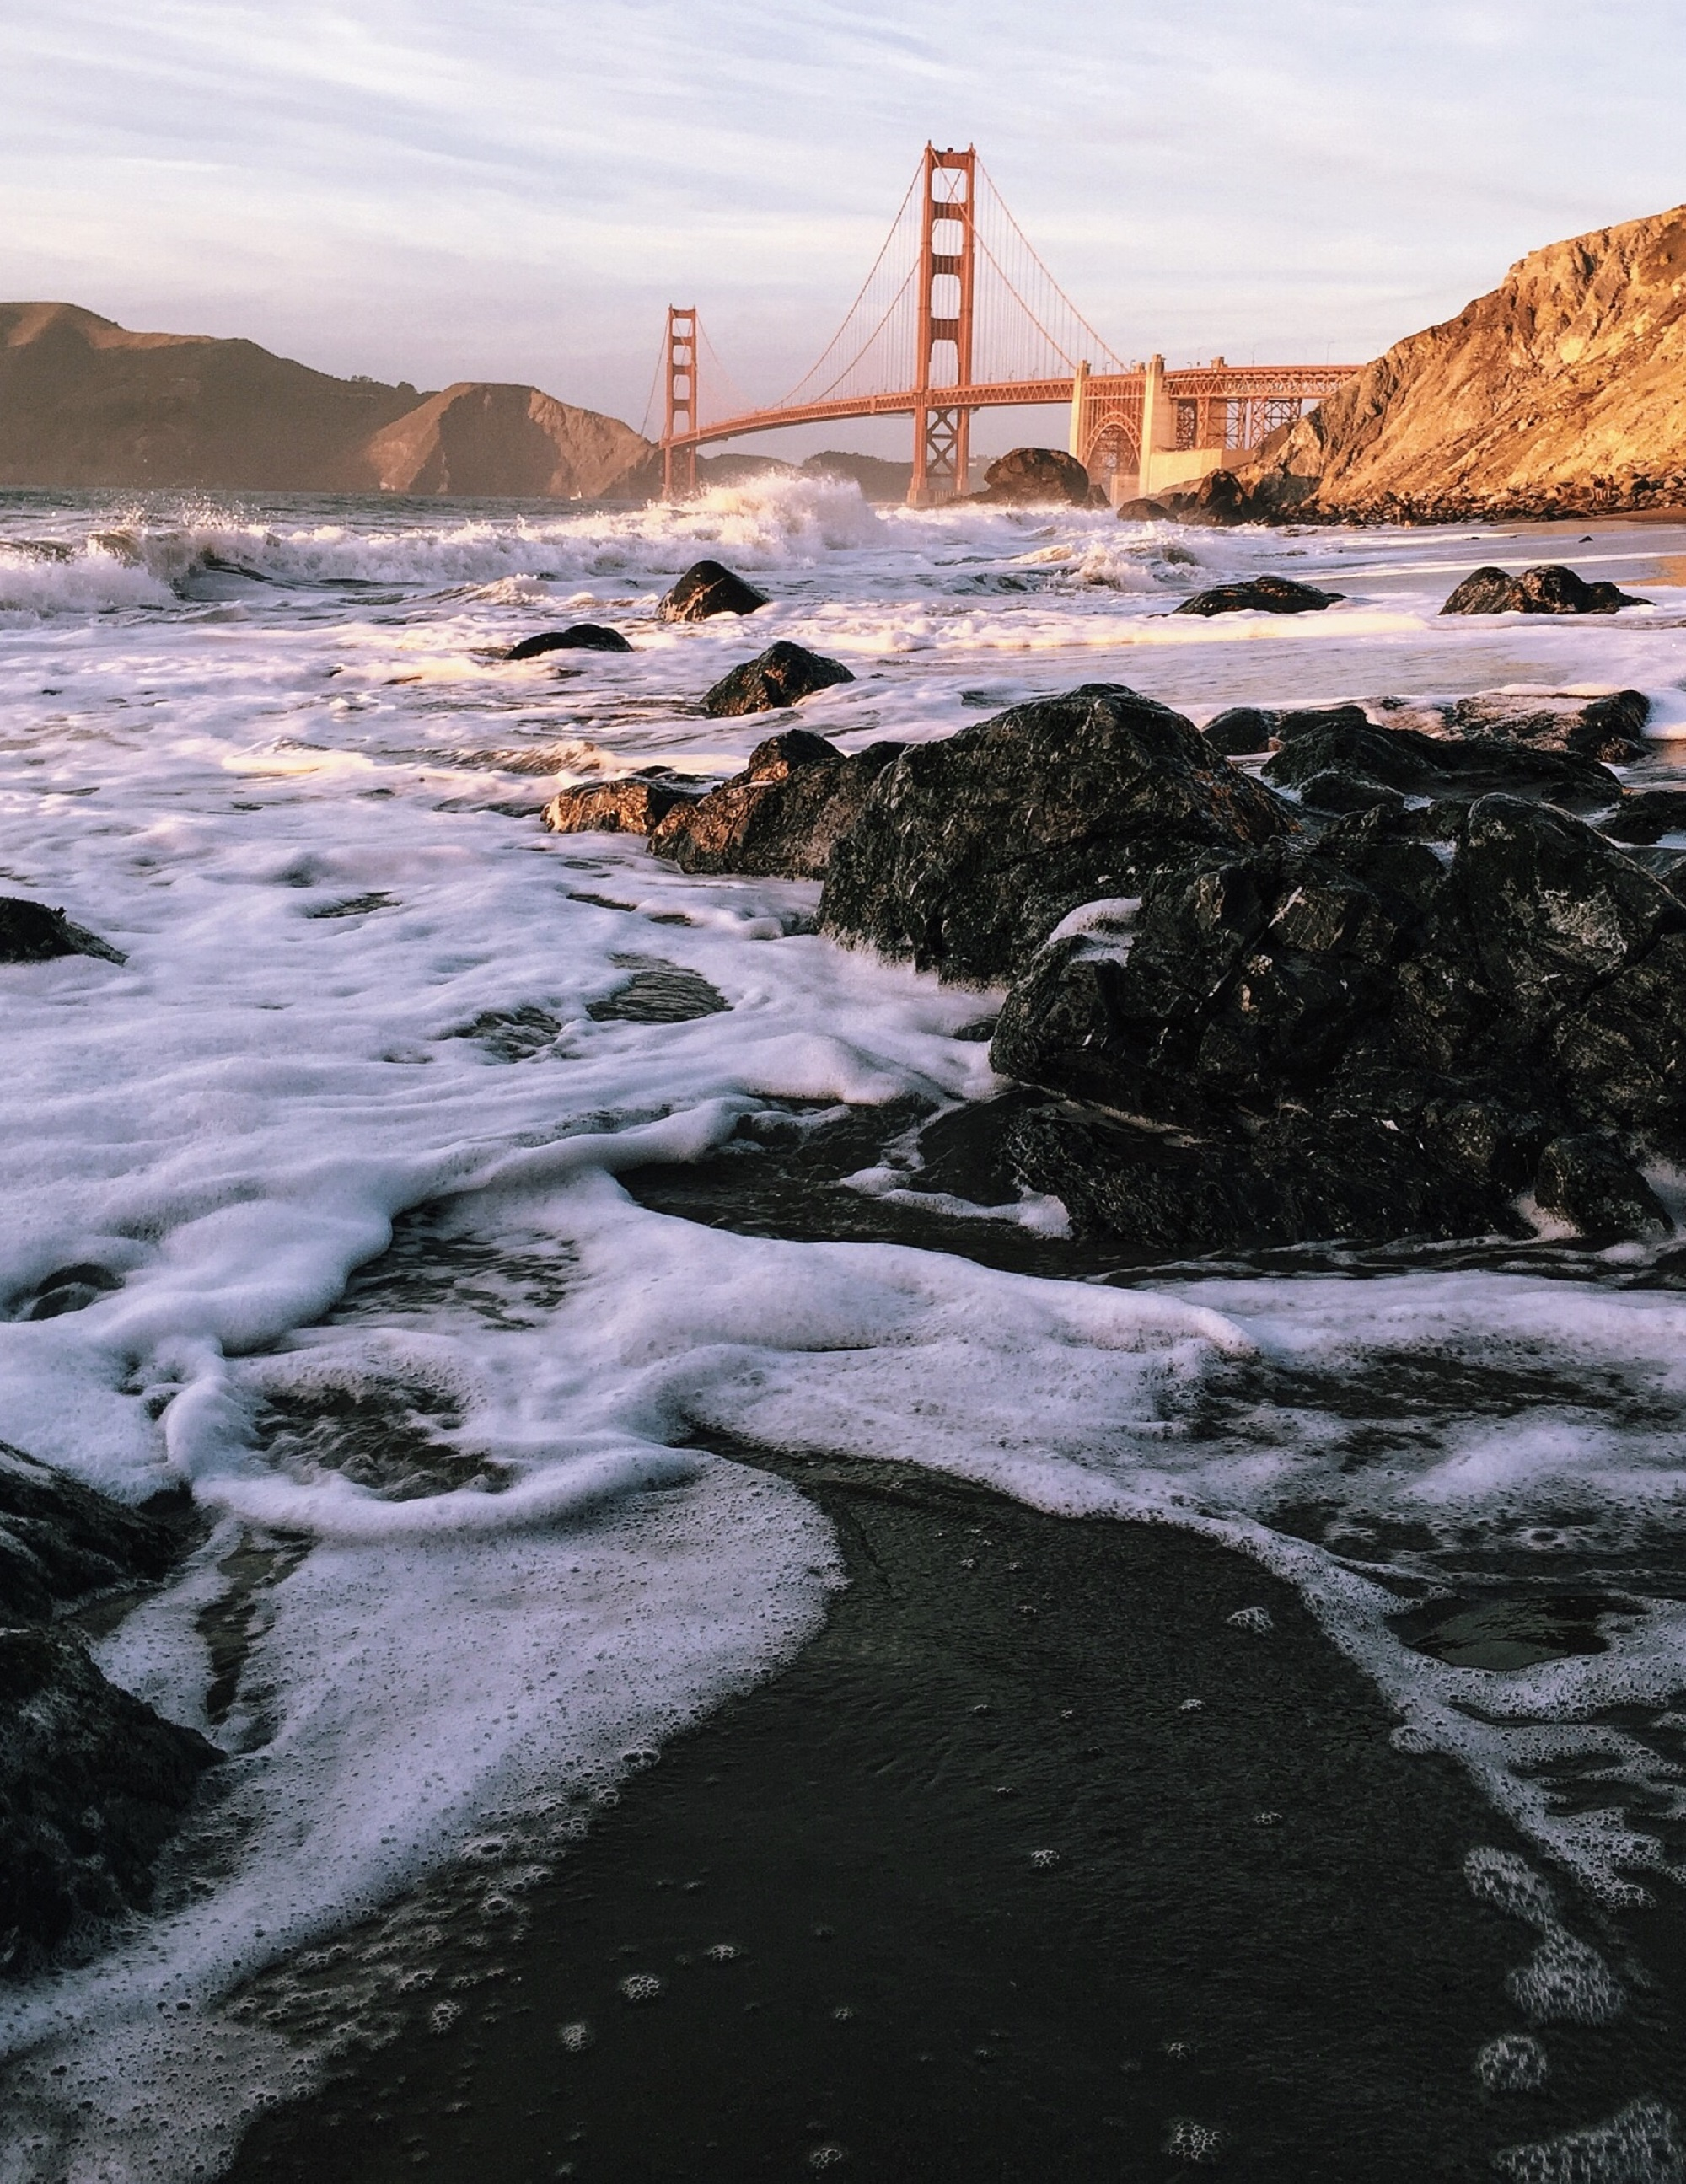 @k10mo - San Francisco, CA